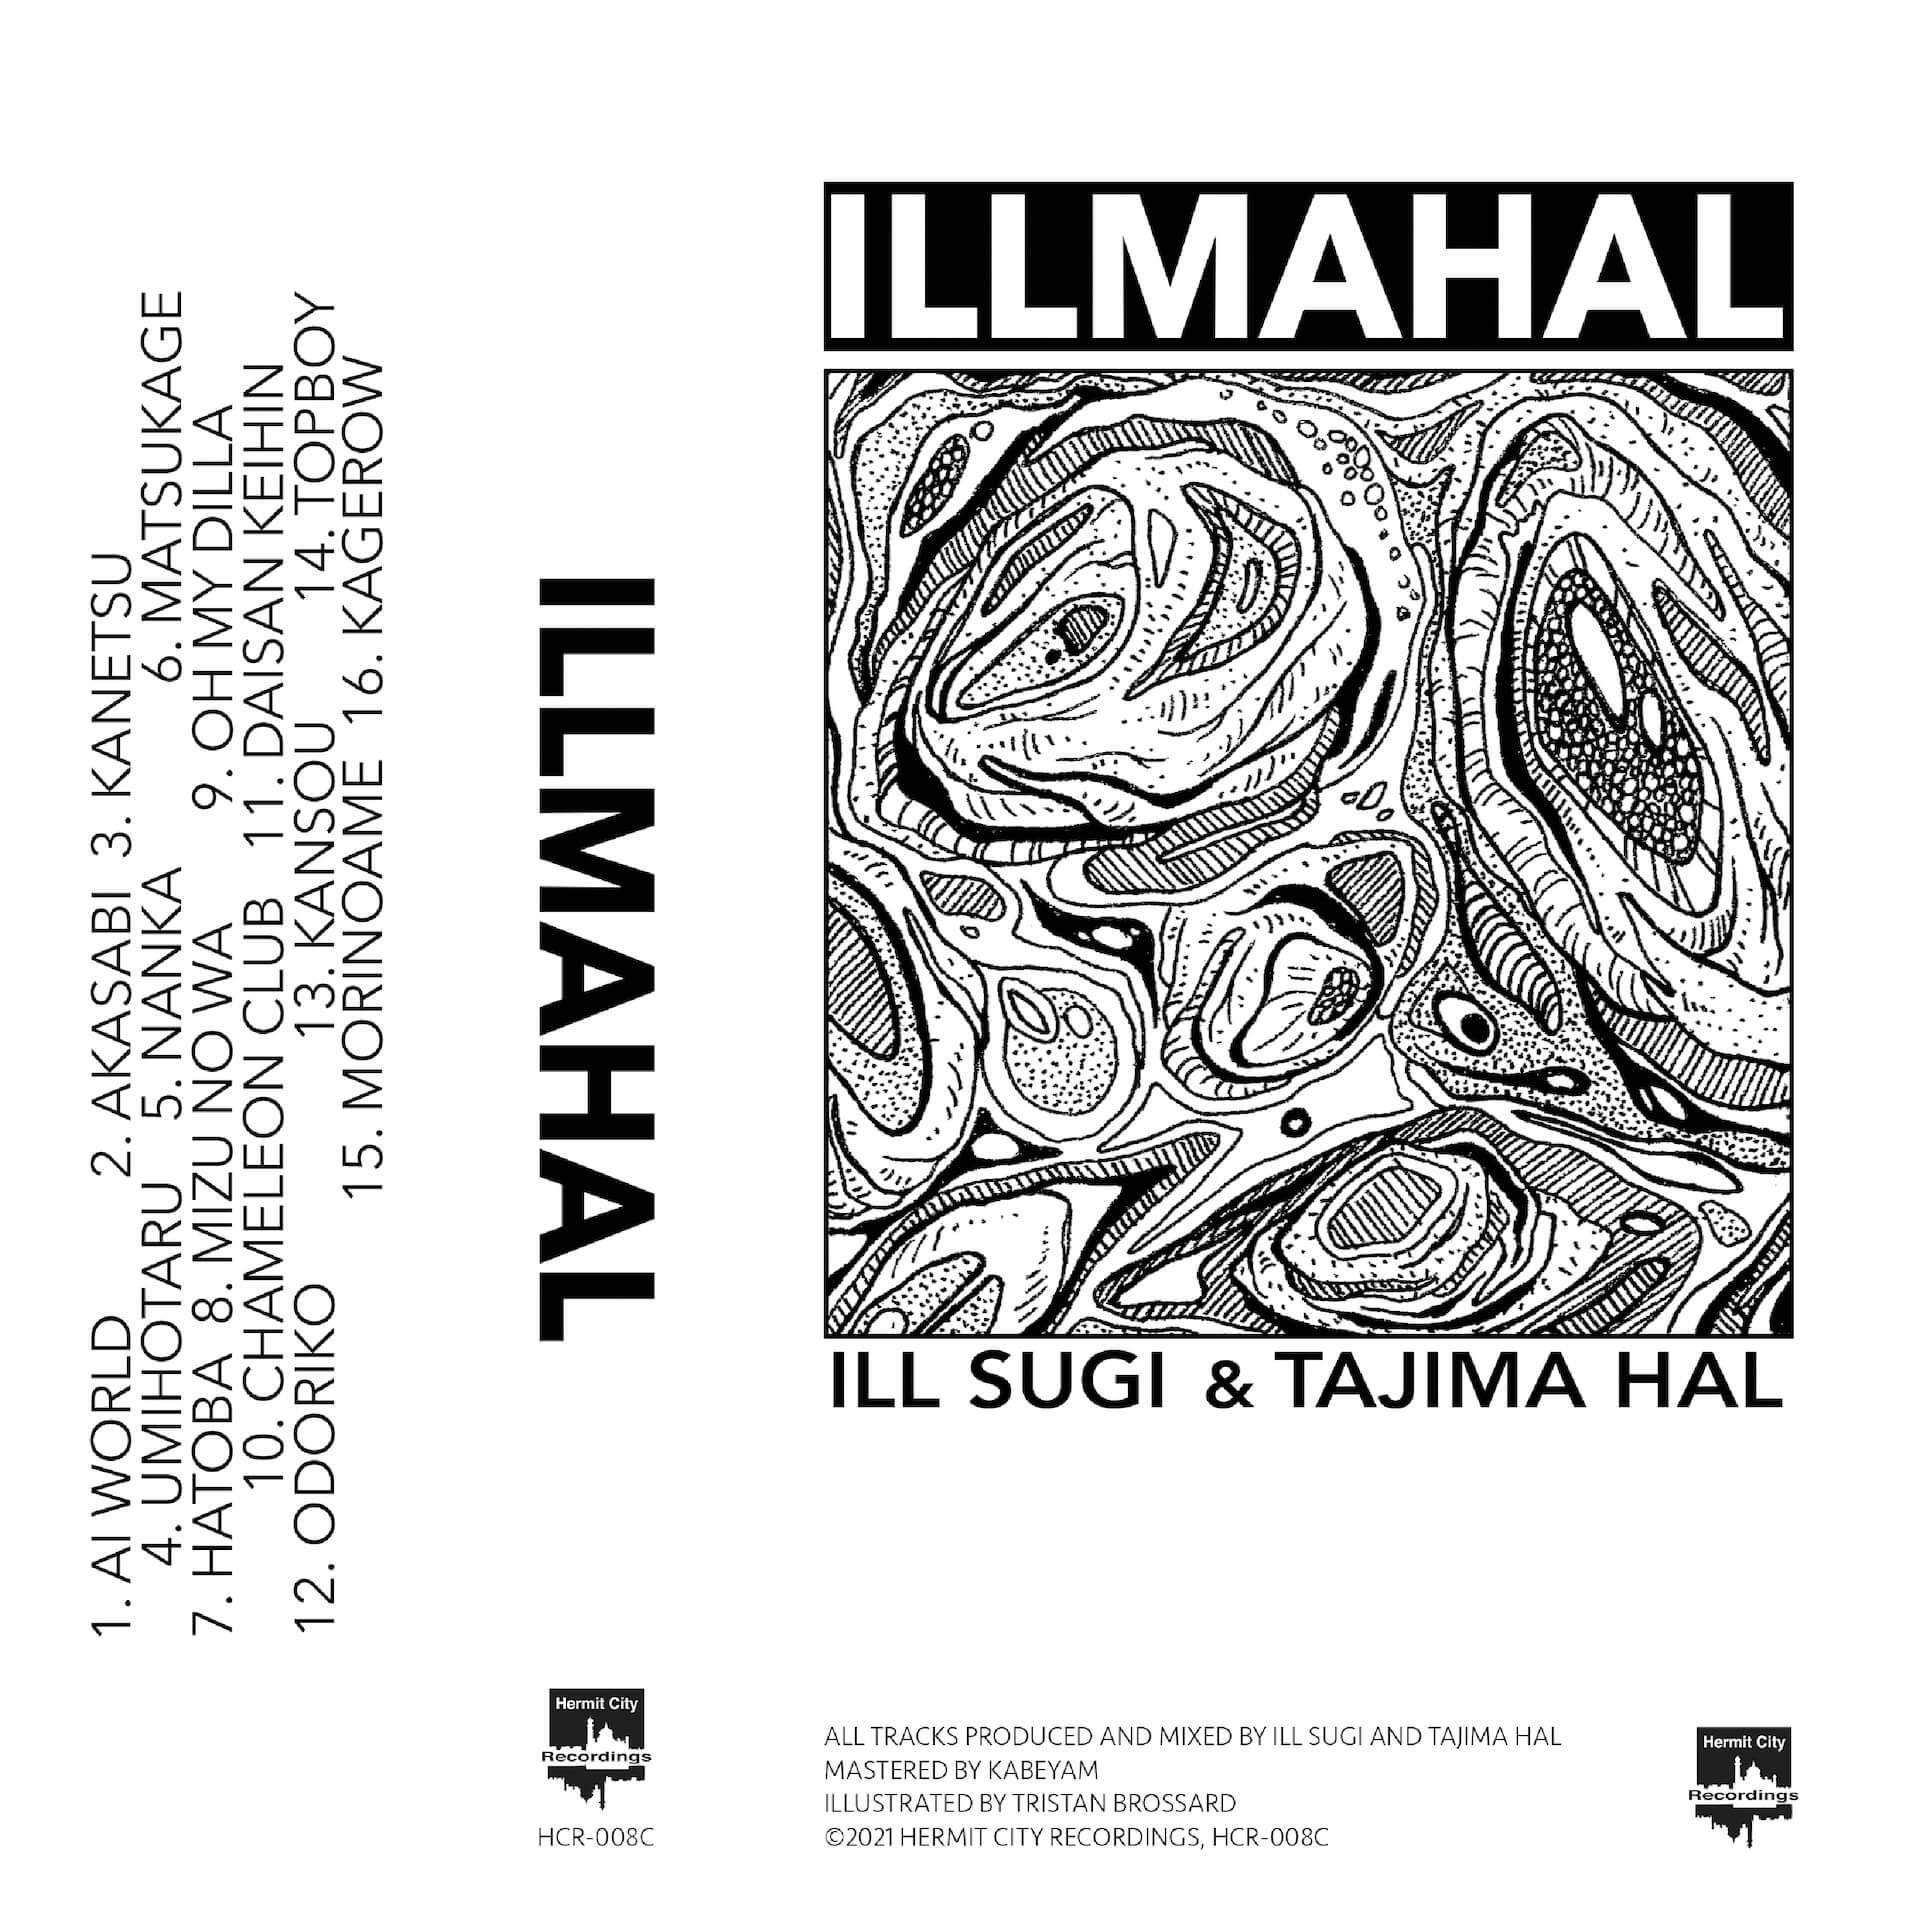 tajima halとILL SUGIのジョイント作『ILLMAHAL』が明日4月20日リリース!カセット&CDも発売 music210419_illmahal_1